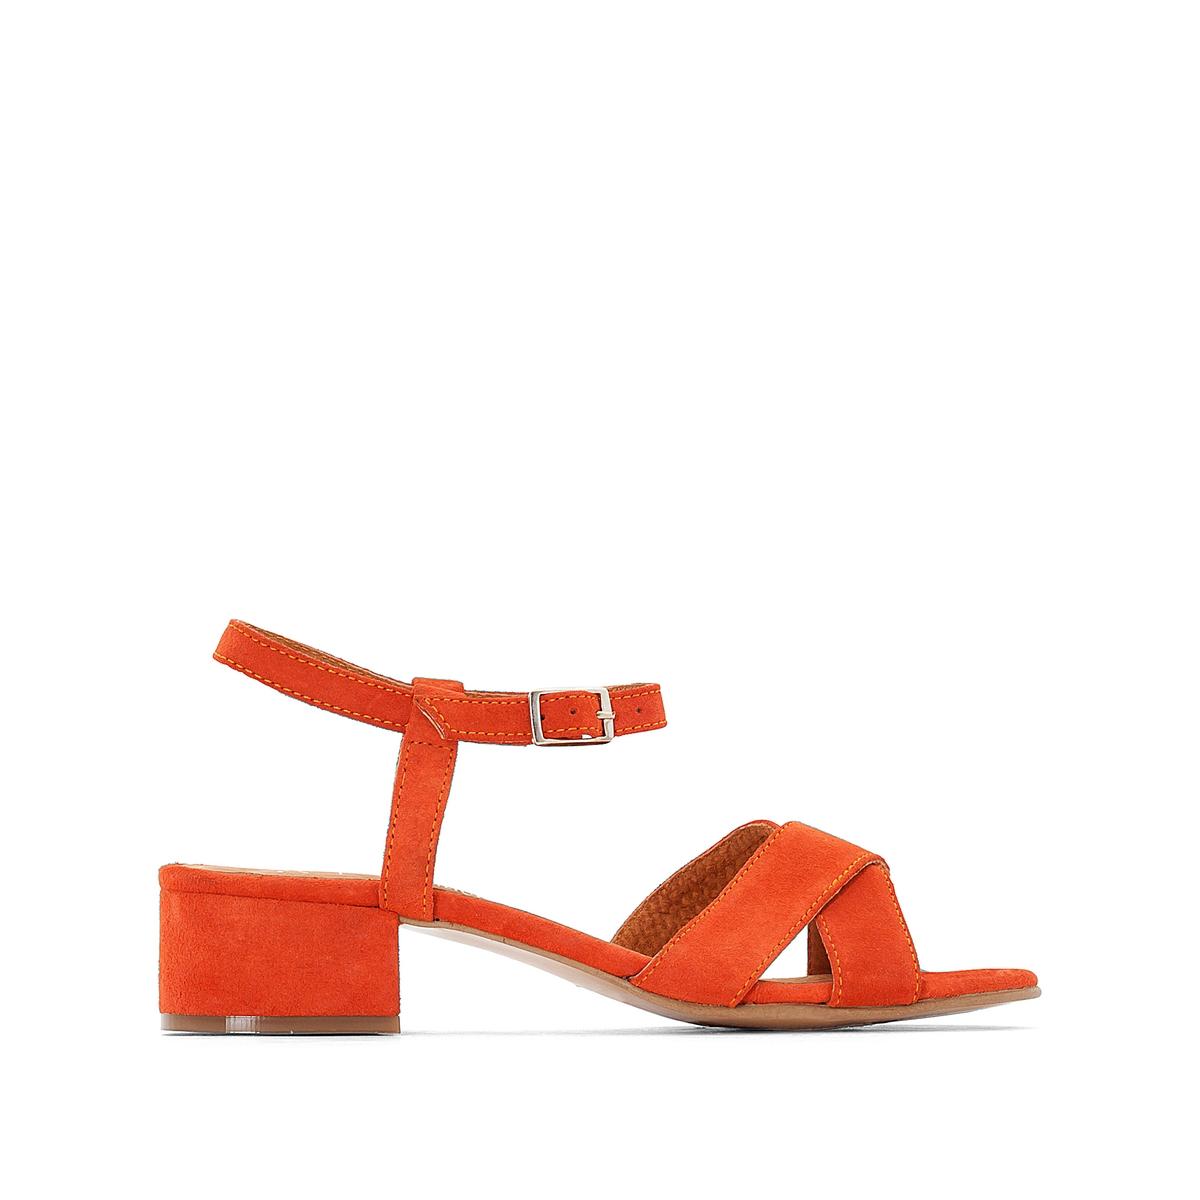 Босоножки из оранжевой кожи с перекрестными ремешкамиОписание:Детали •  Широкий каблук •  Высота каблука : 4 см •  Застежка : ремешок/пряжка •  Открытый мысок •  Велюровая отделка, нубукСостав и уход •  100% кожа •  Подкладка : 100% кожа. •  Стелька : 100% кожа. •  Подошва : 100% эластомерБольшемерная обувь, мы рекомендуем выбирать модель на размер меньше вашего обычного размера.<br><br>Цвет: оранжевый<br>Размер: 41.40.35.38.37